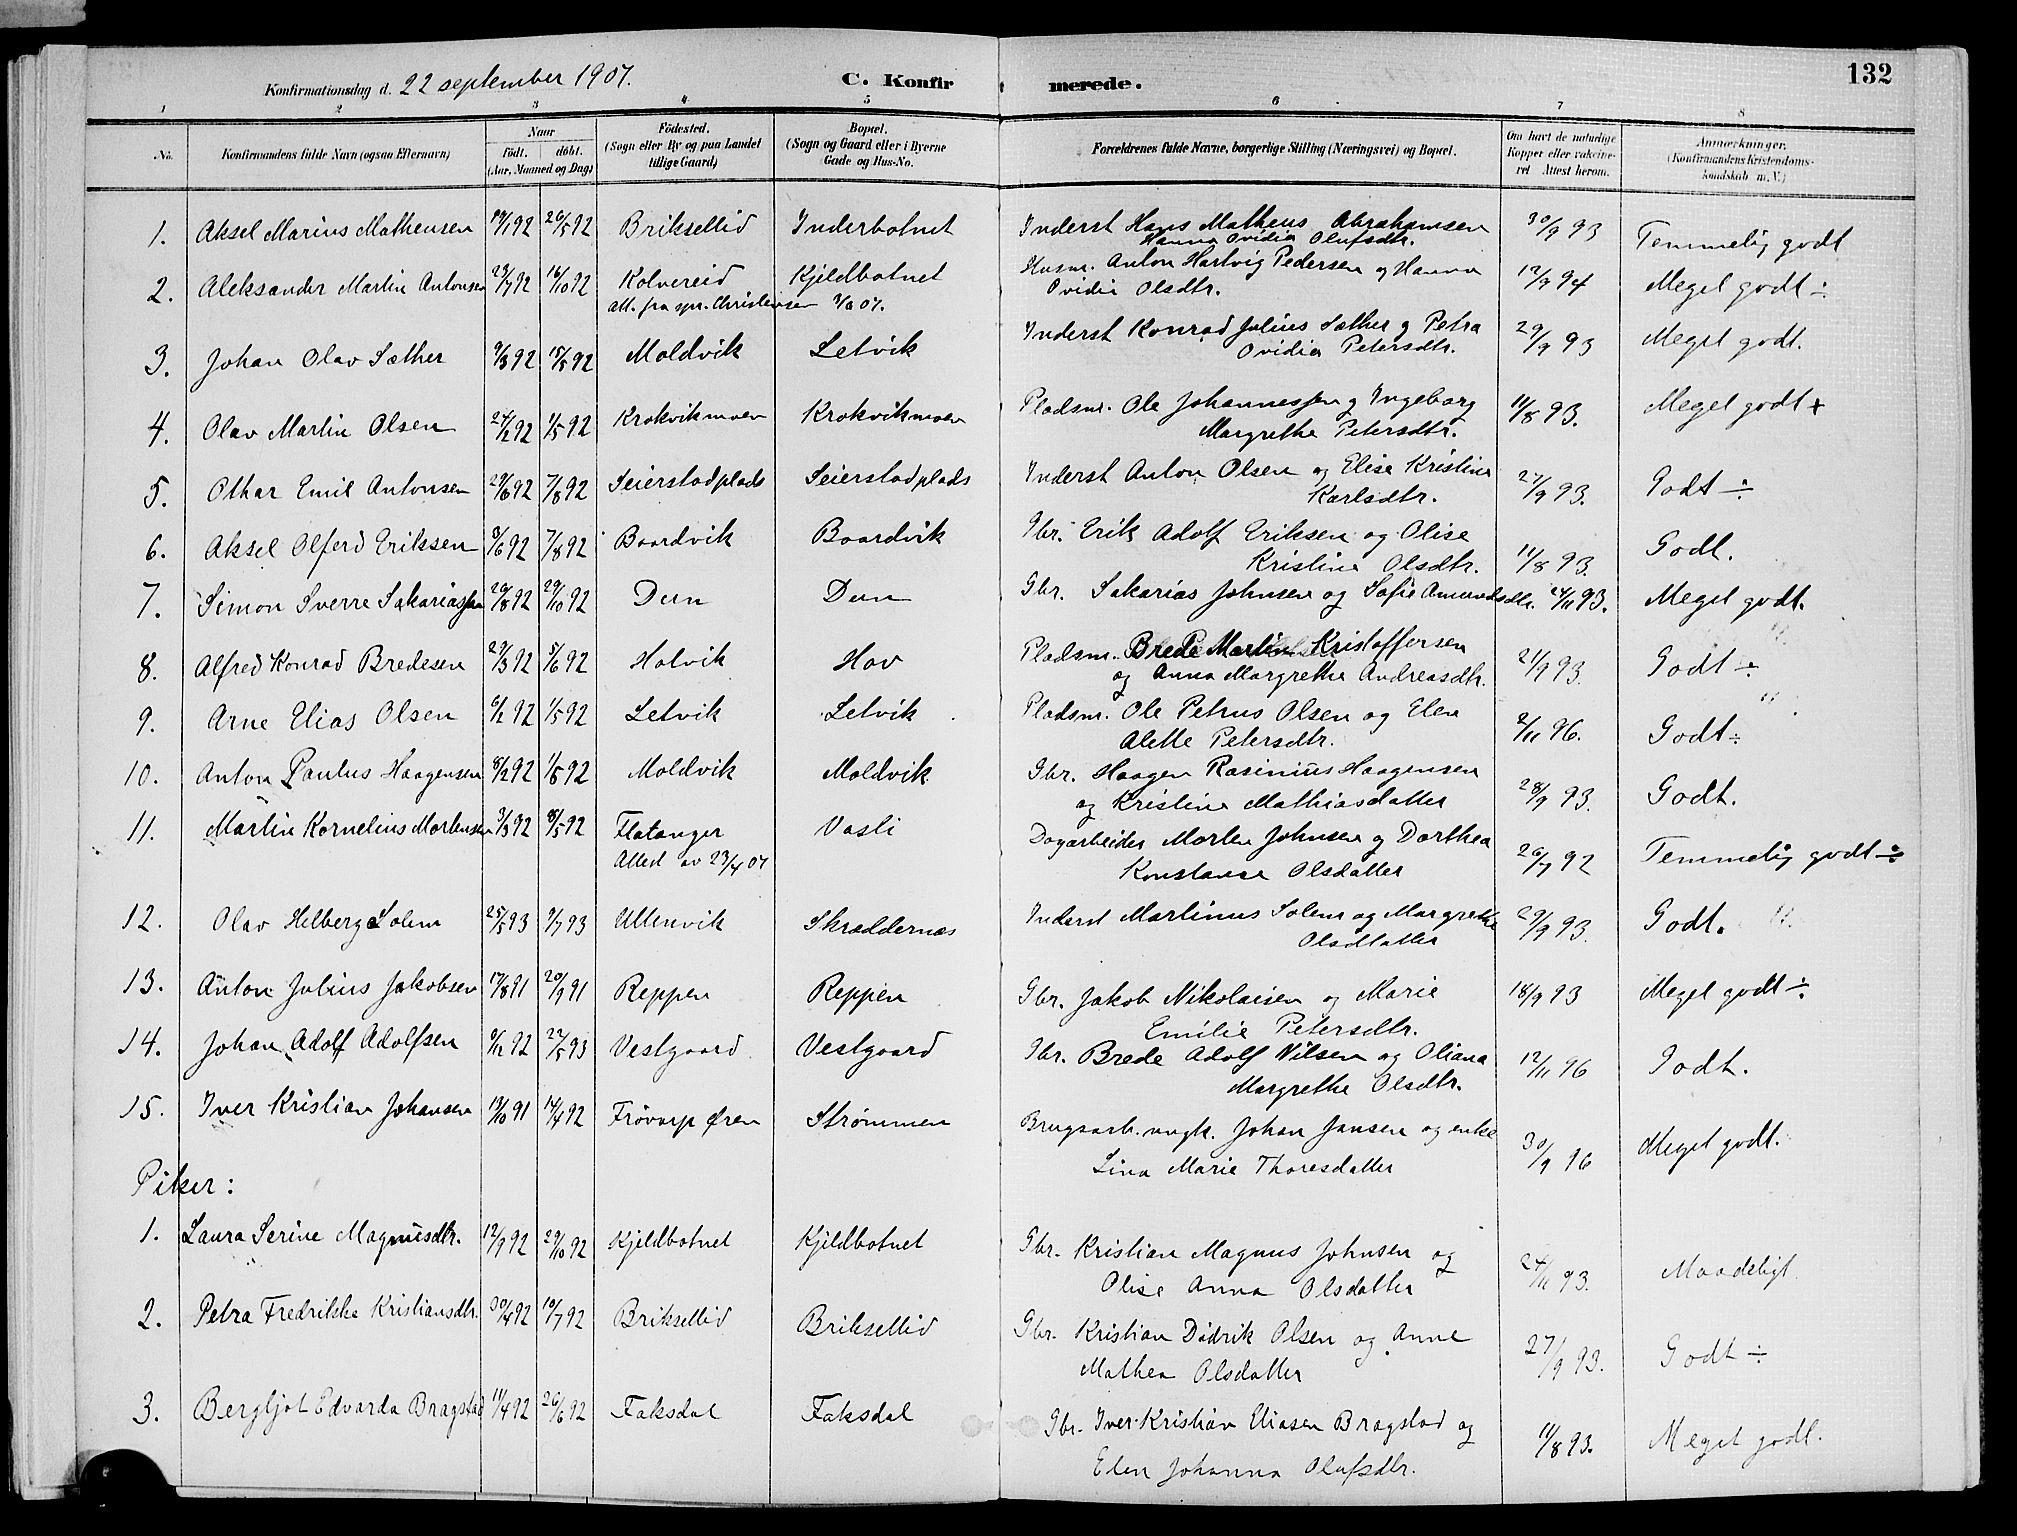 SAT, Ministerialprotokoller, klokkerbøker og fødselsregistre - Nord-Trøndelag, 773/L0617: Ministerialbok nr. 773A08, 1887-1910, s. 132